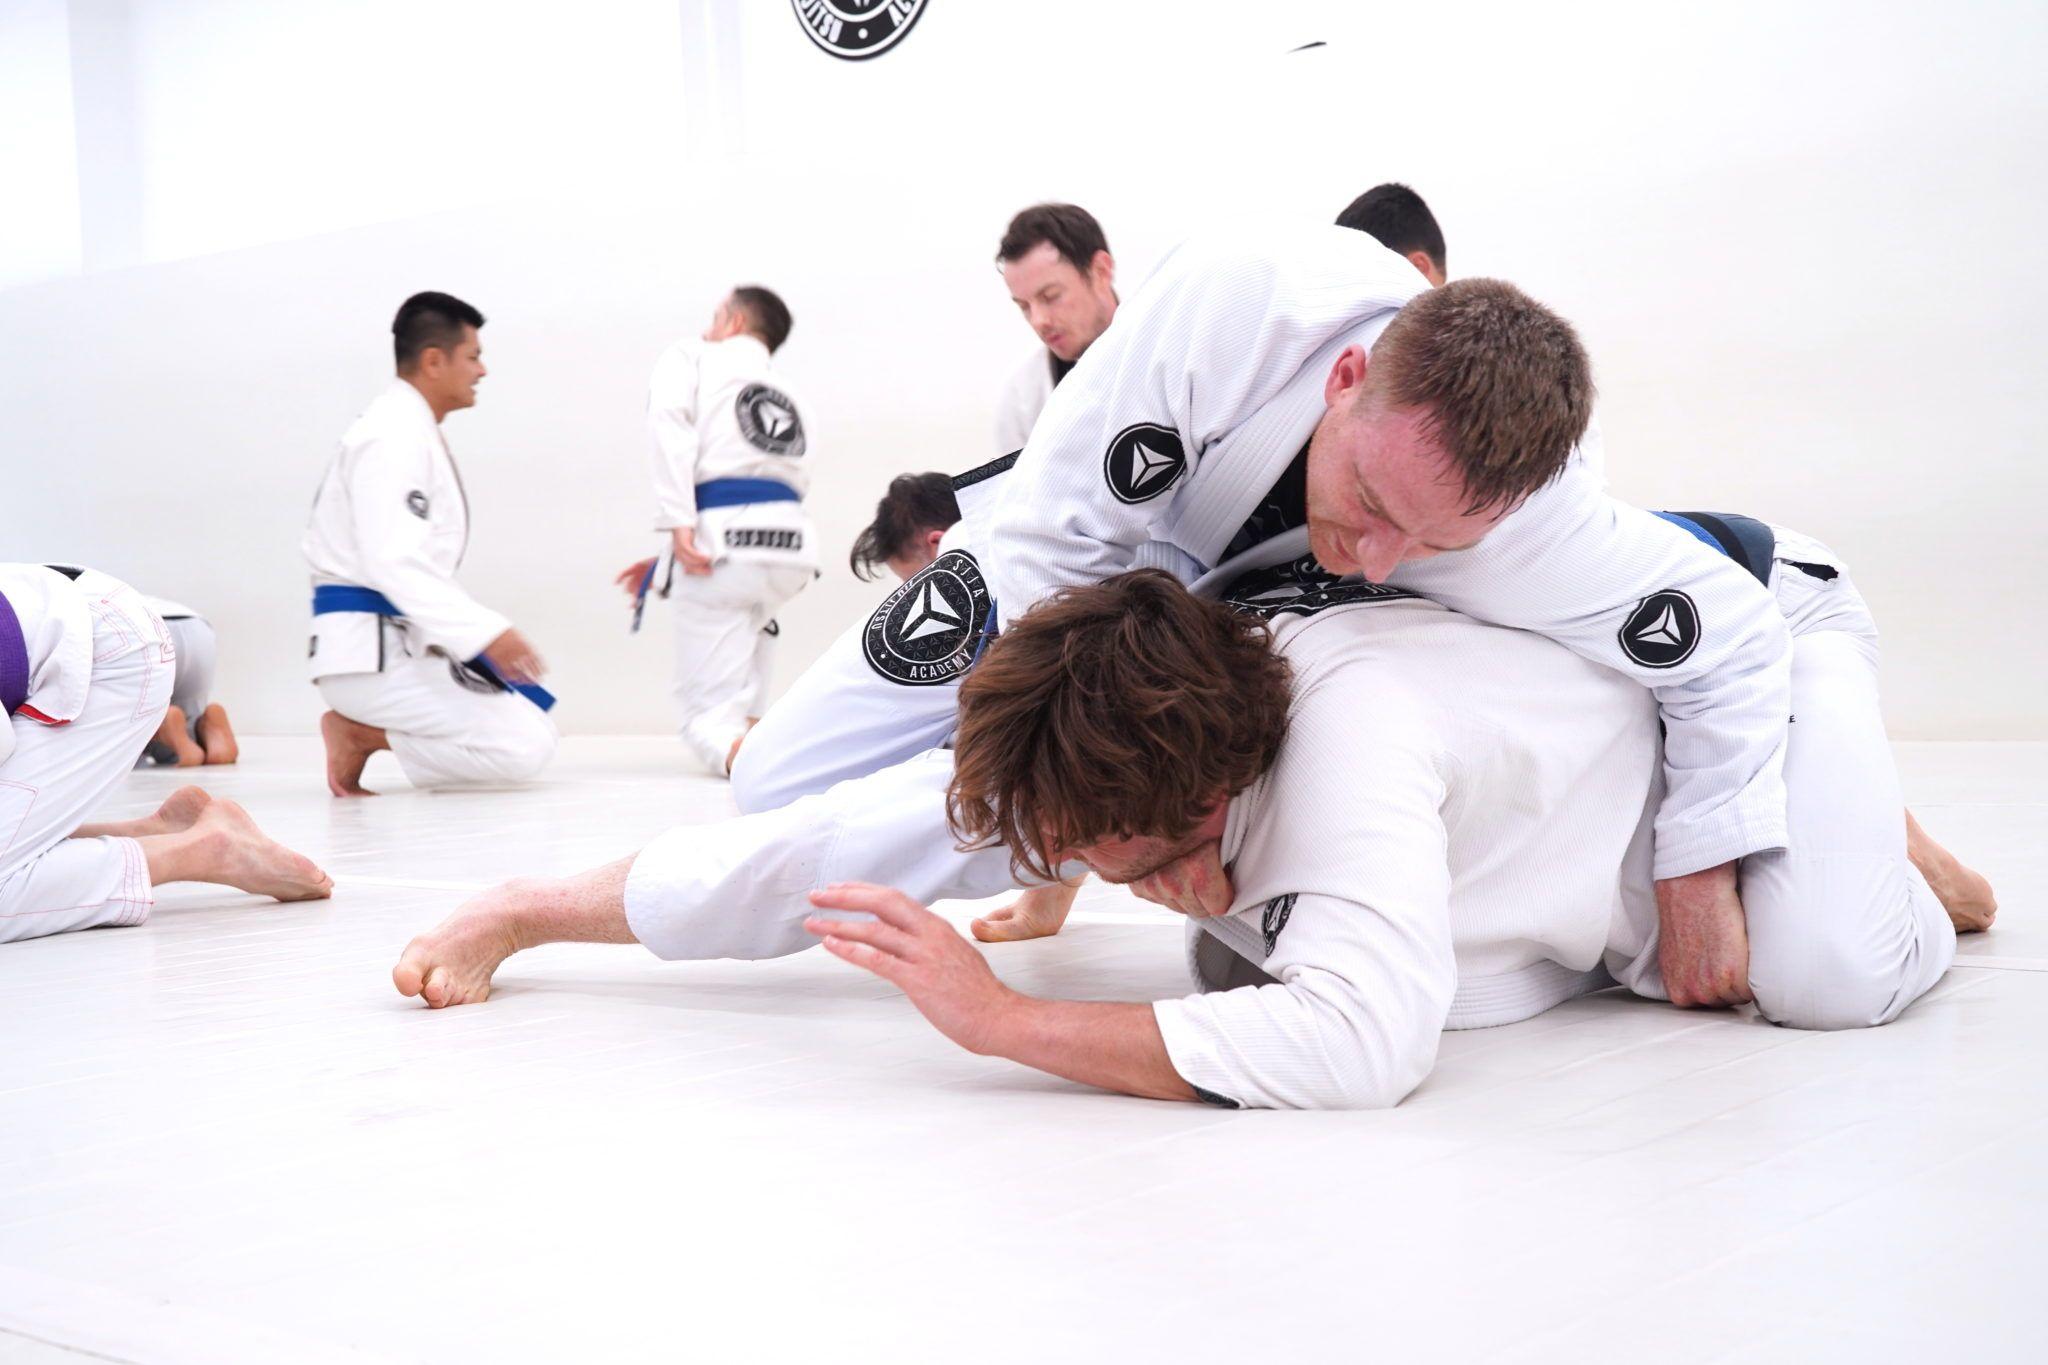 how Jiu Jitsu will benefit your bjj